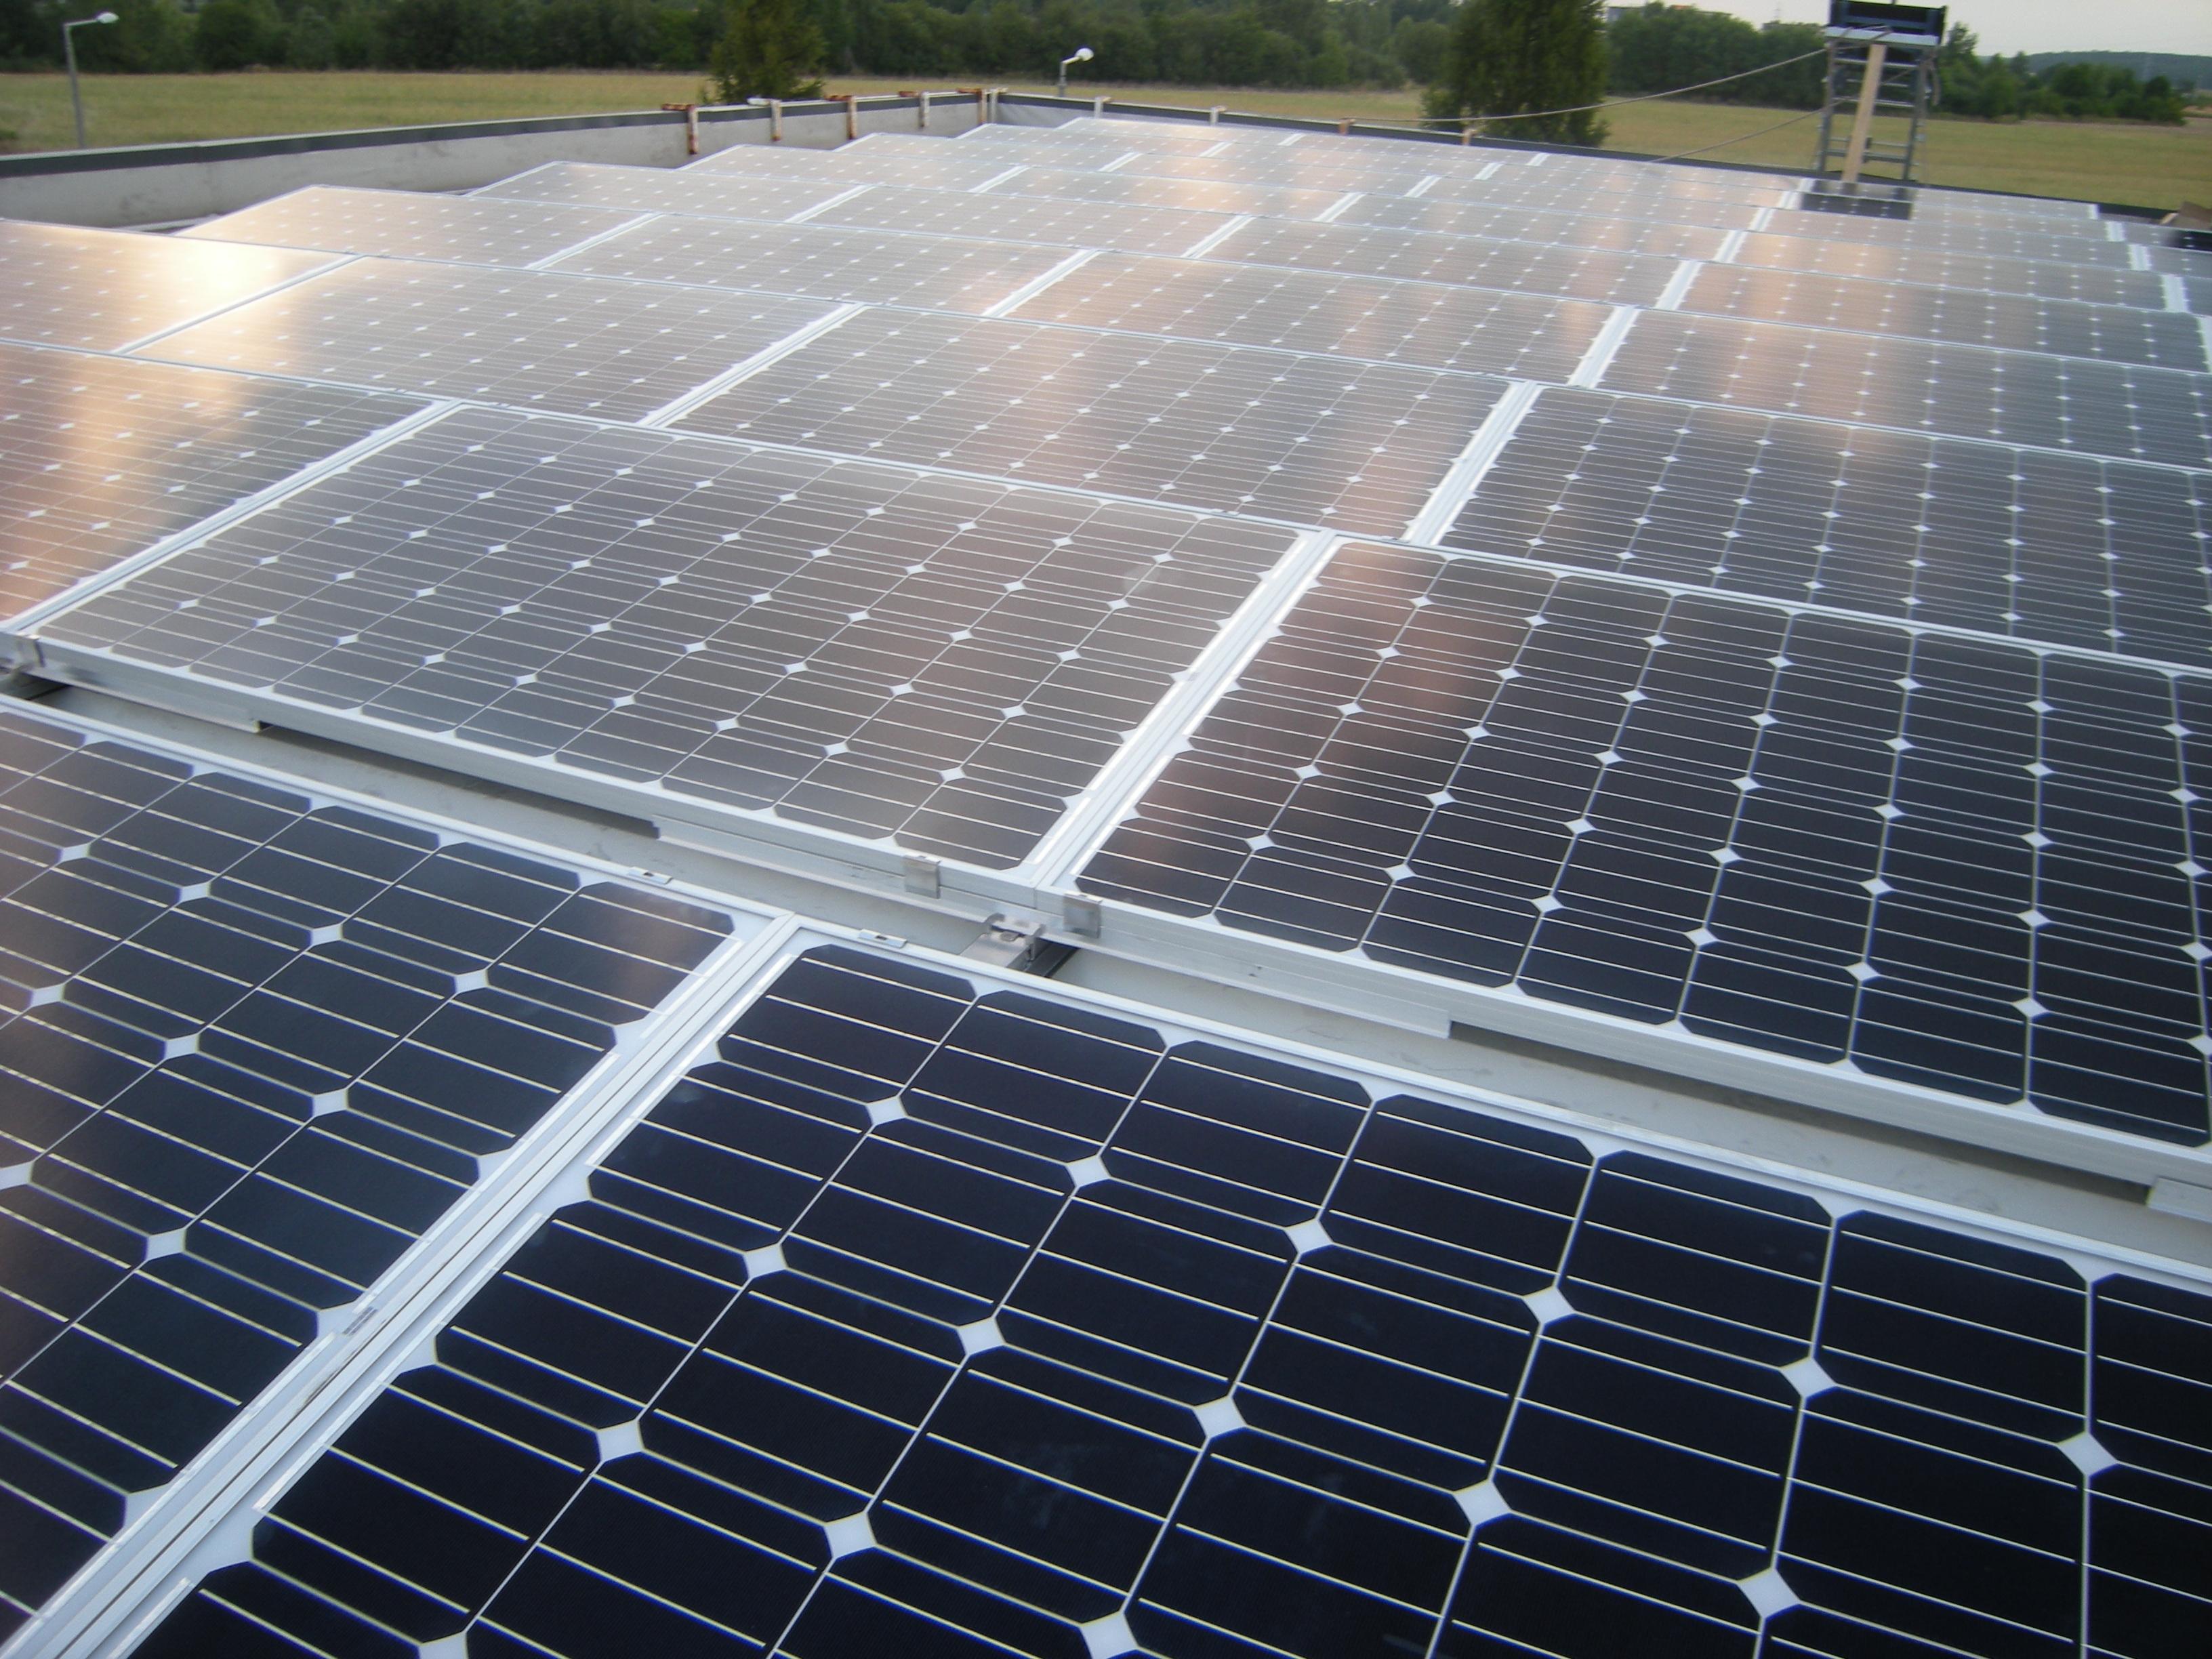 Nagykanizsai üzem napelemes rendszere